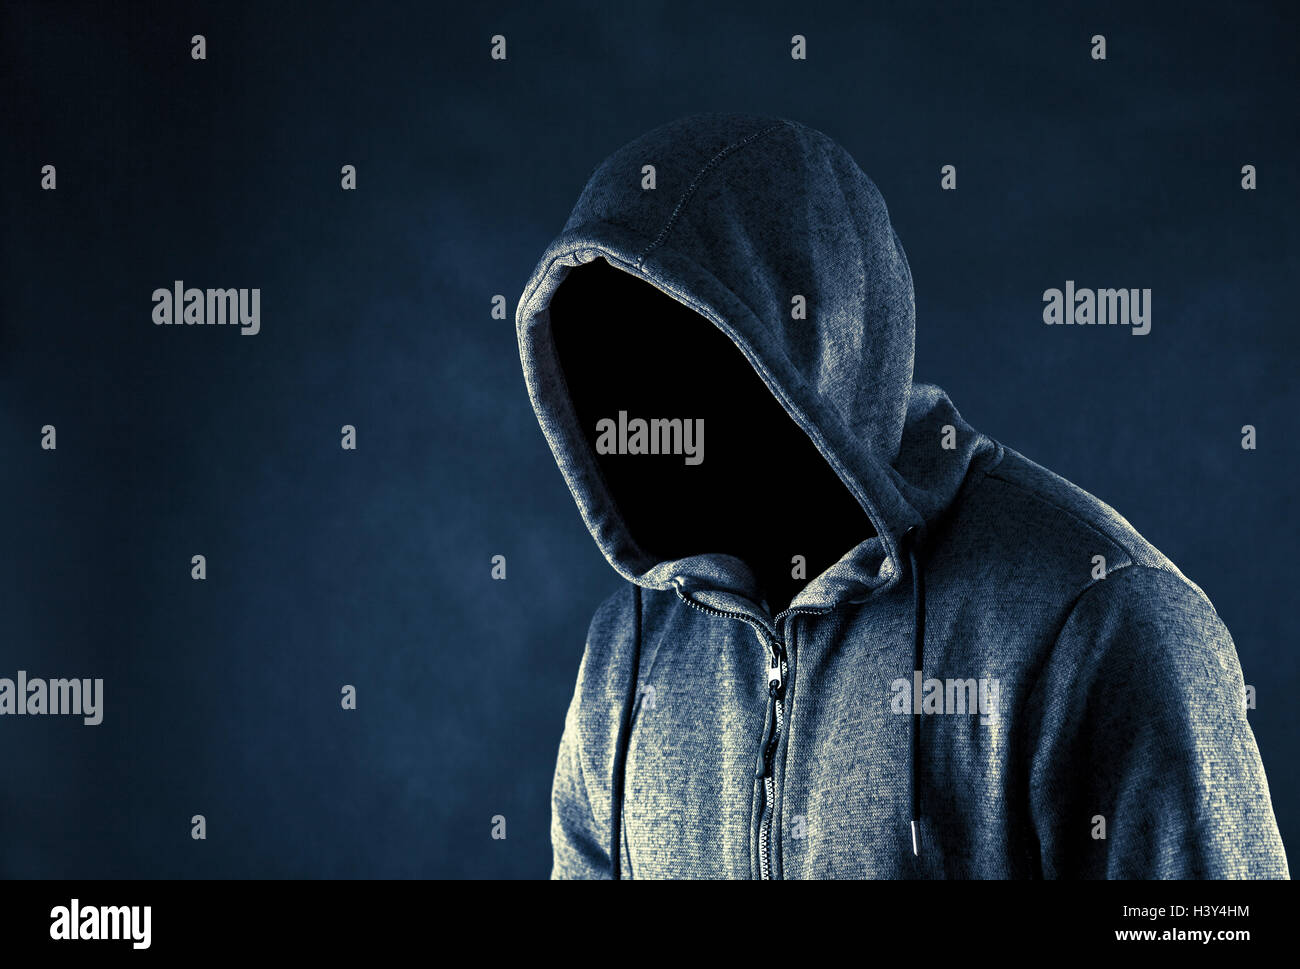 Hombre encapuchado en la oscuridad Imagen De Stock